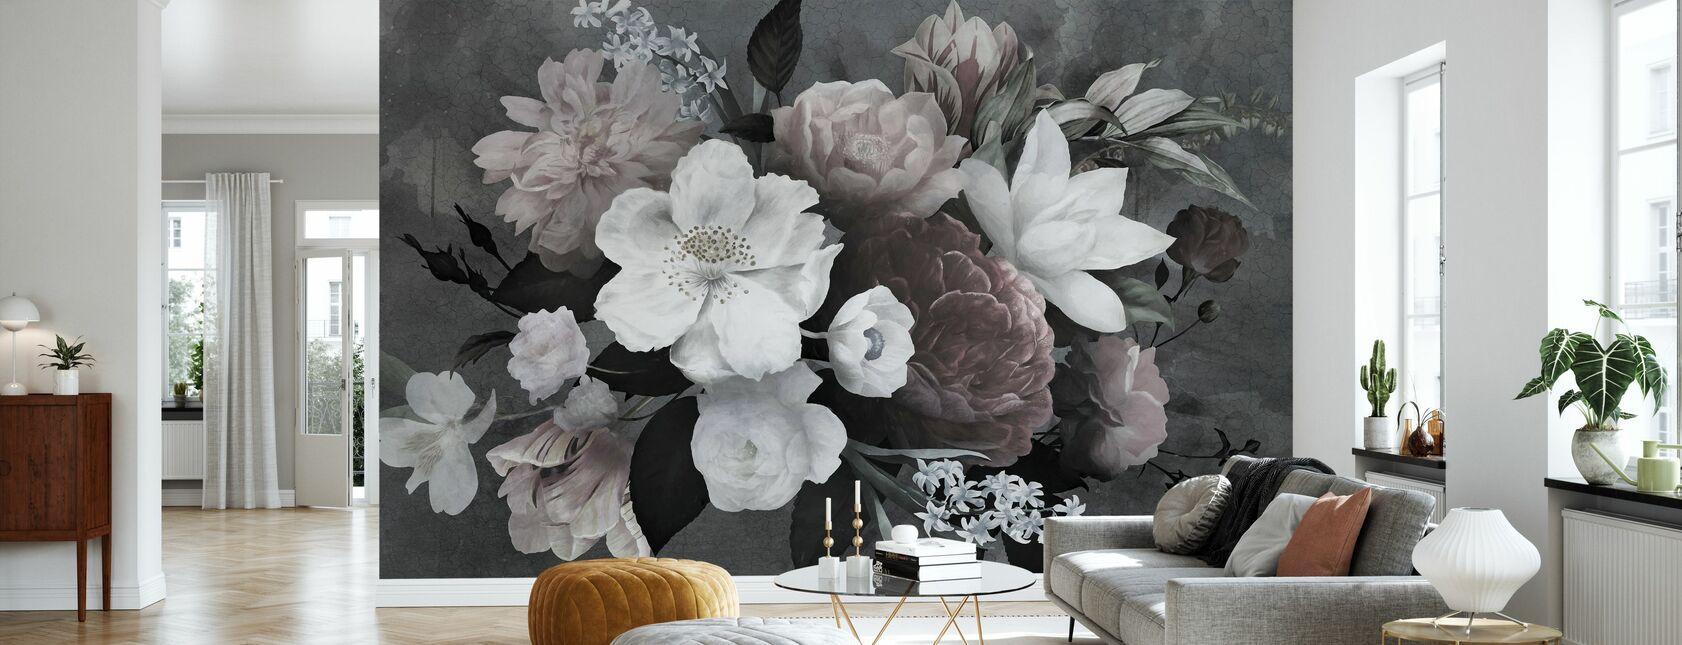 Vintage Blommor - Tapet - Vardagsrum